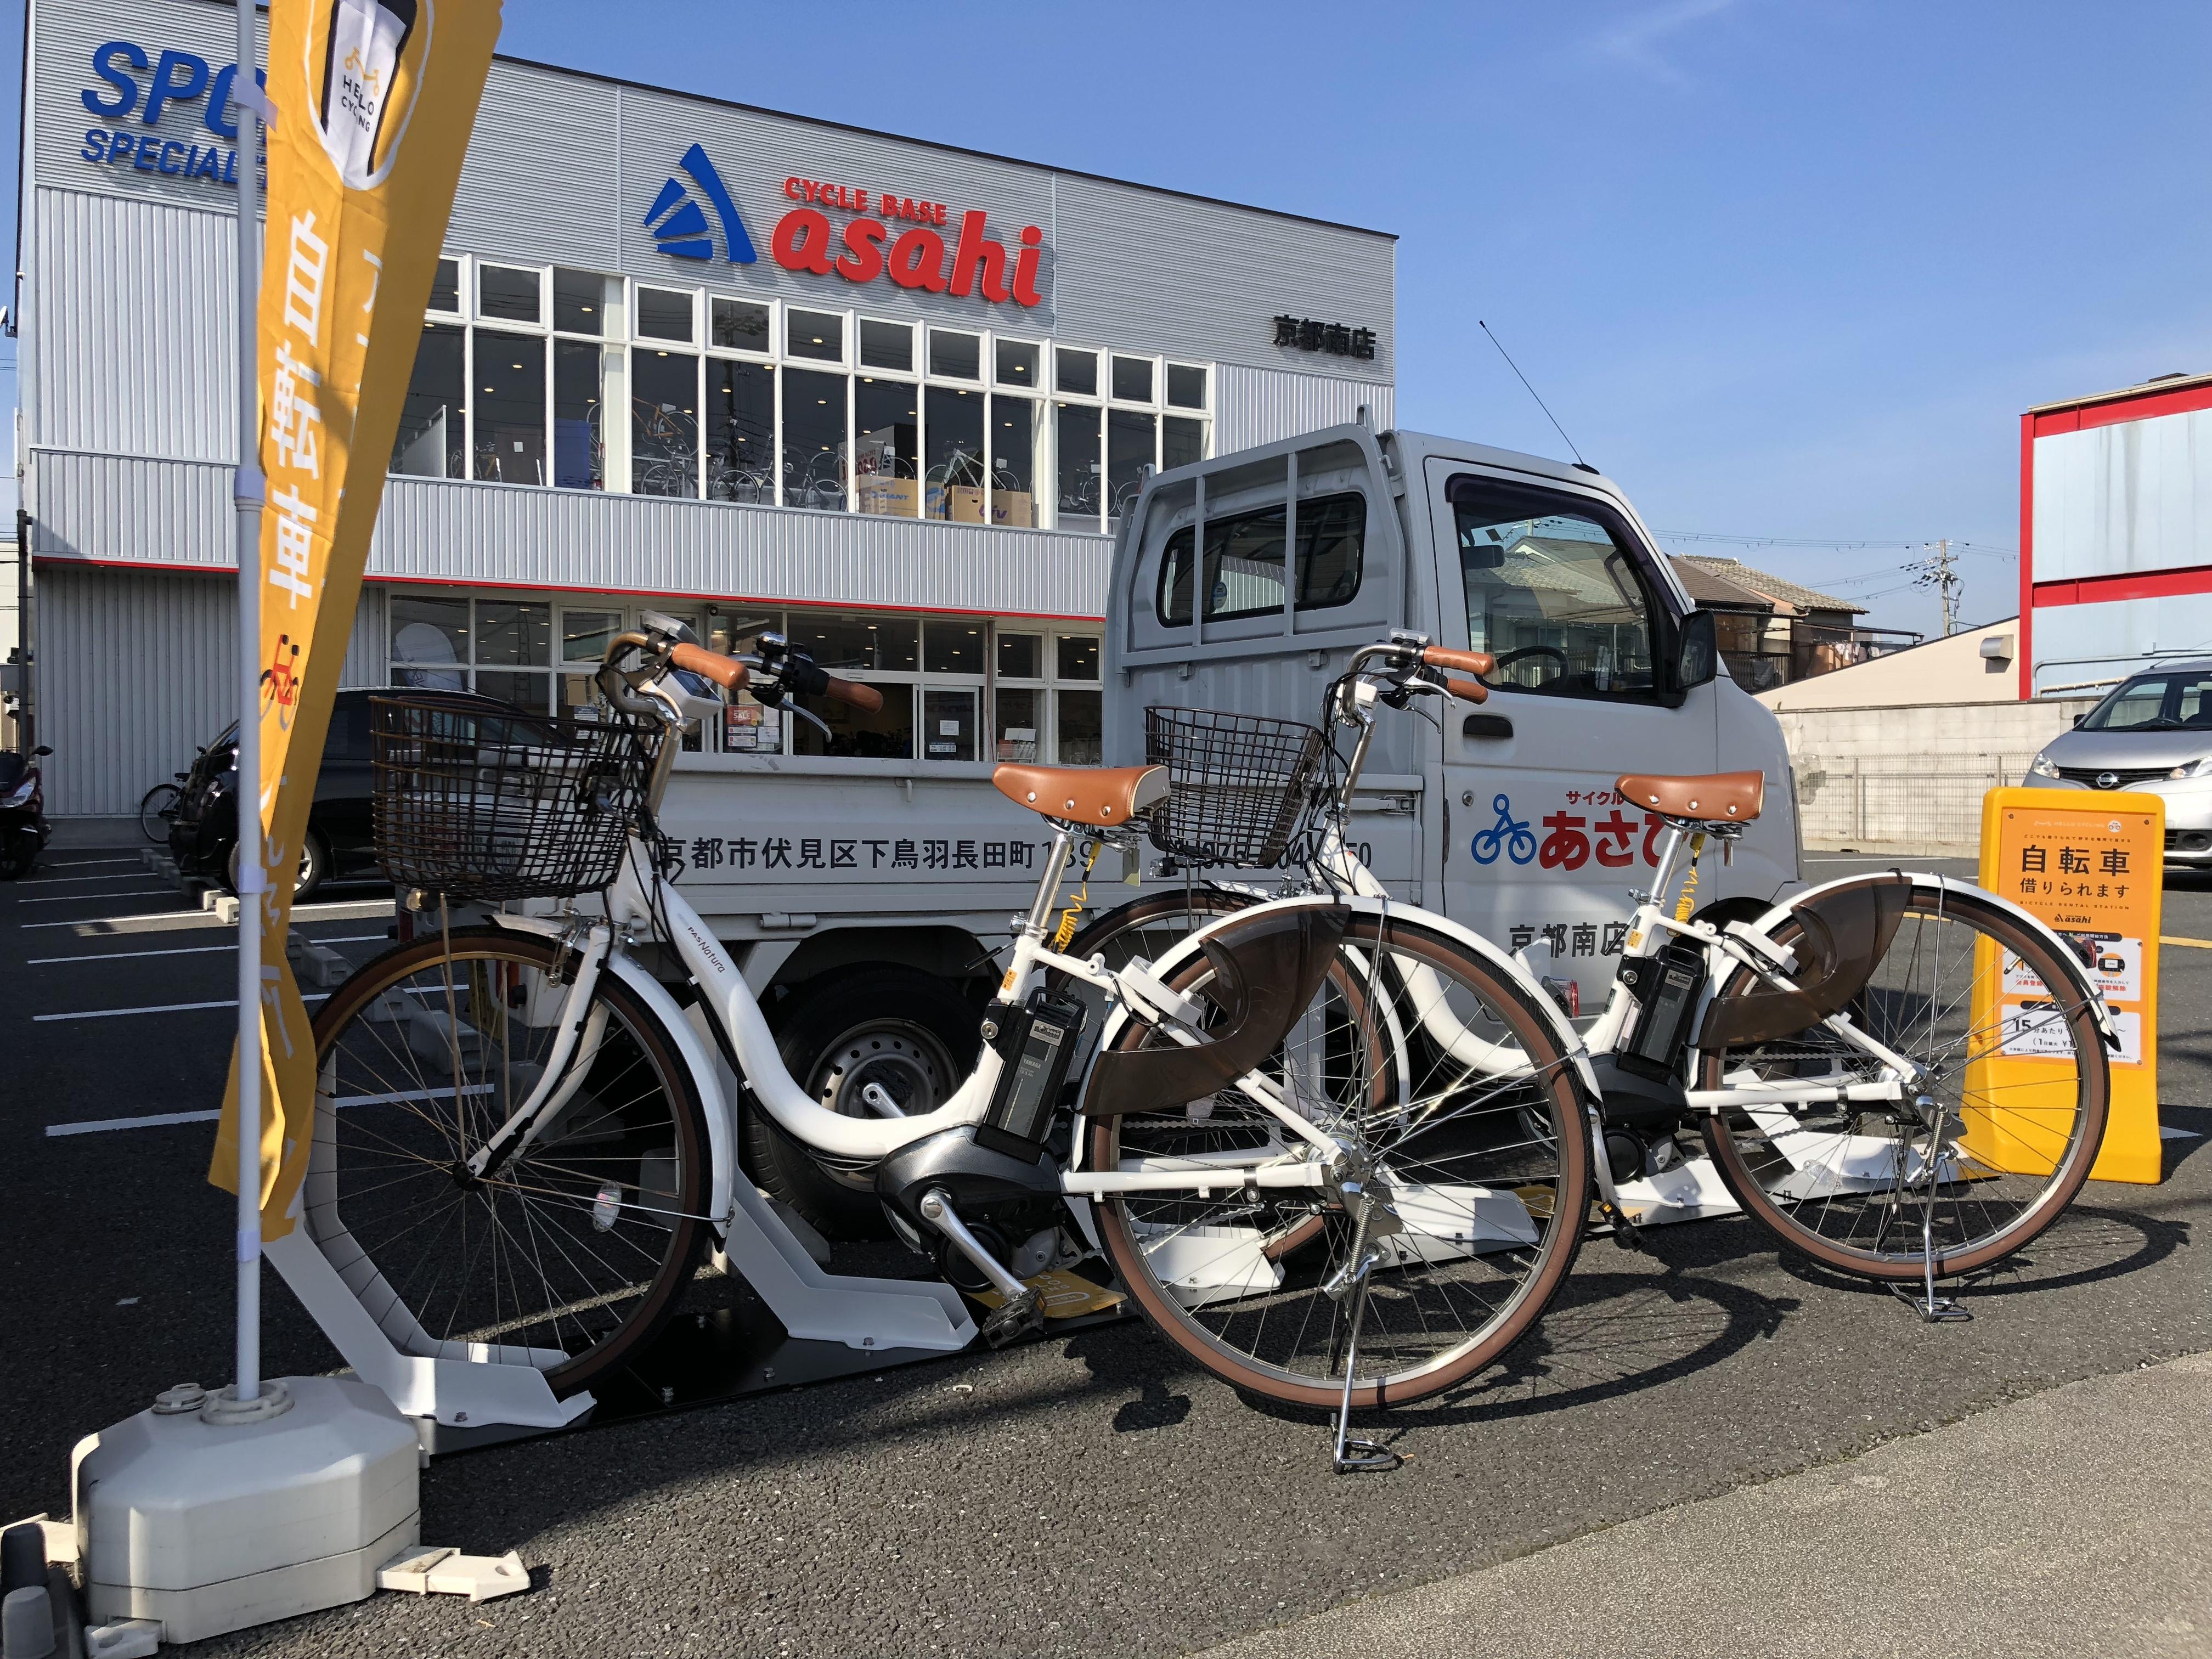 サイクルベースあさひ京都南店 (HELLO CYCLING ポート) image